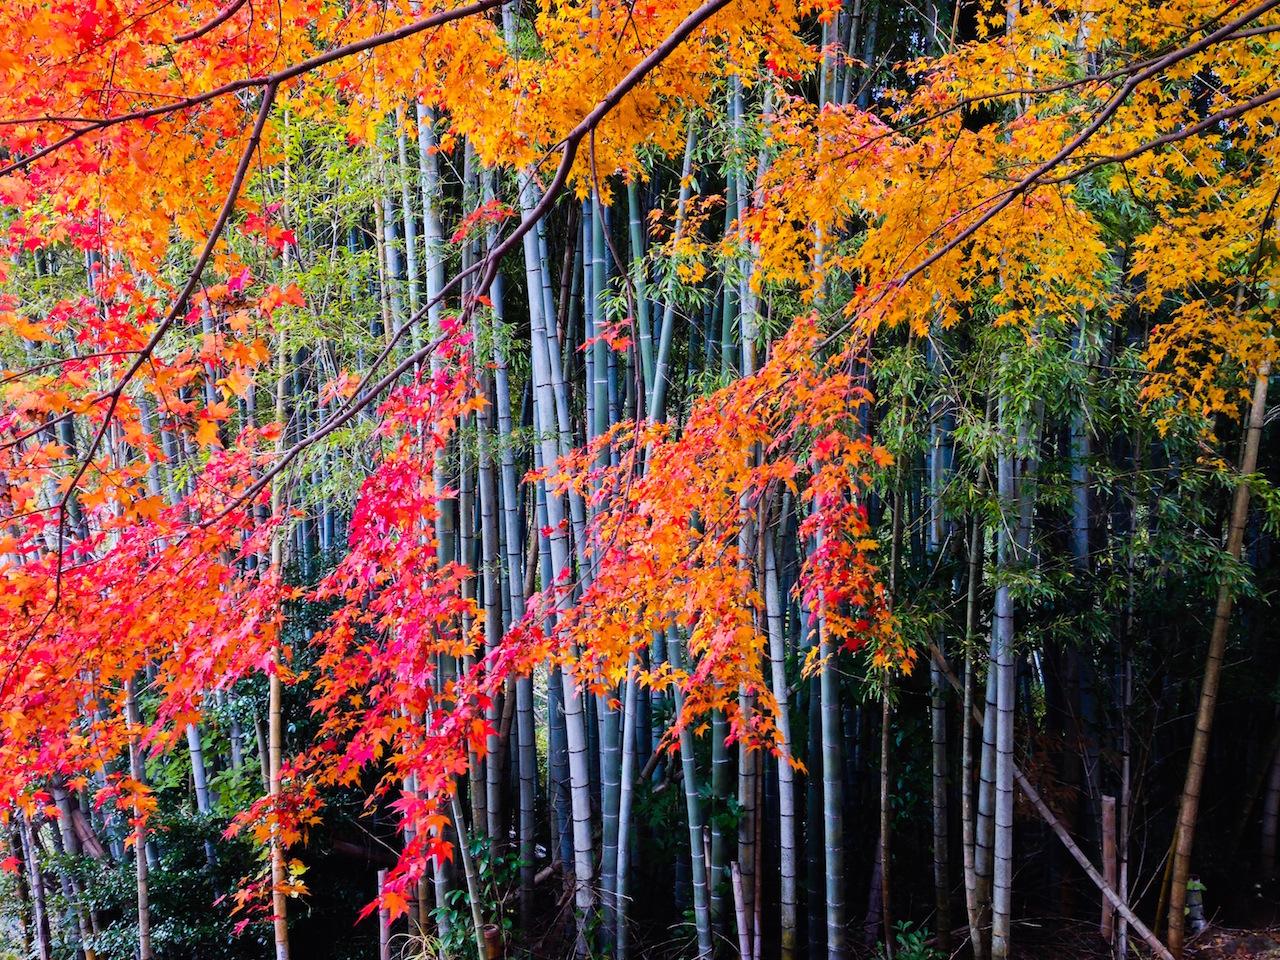 【全国紅葉の絶景】秋になるのを待っていた、長崎県の紅葉人気スポット